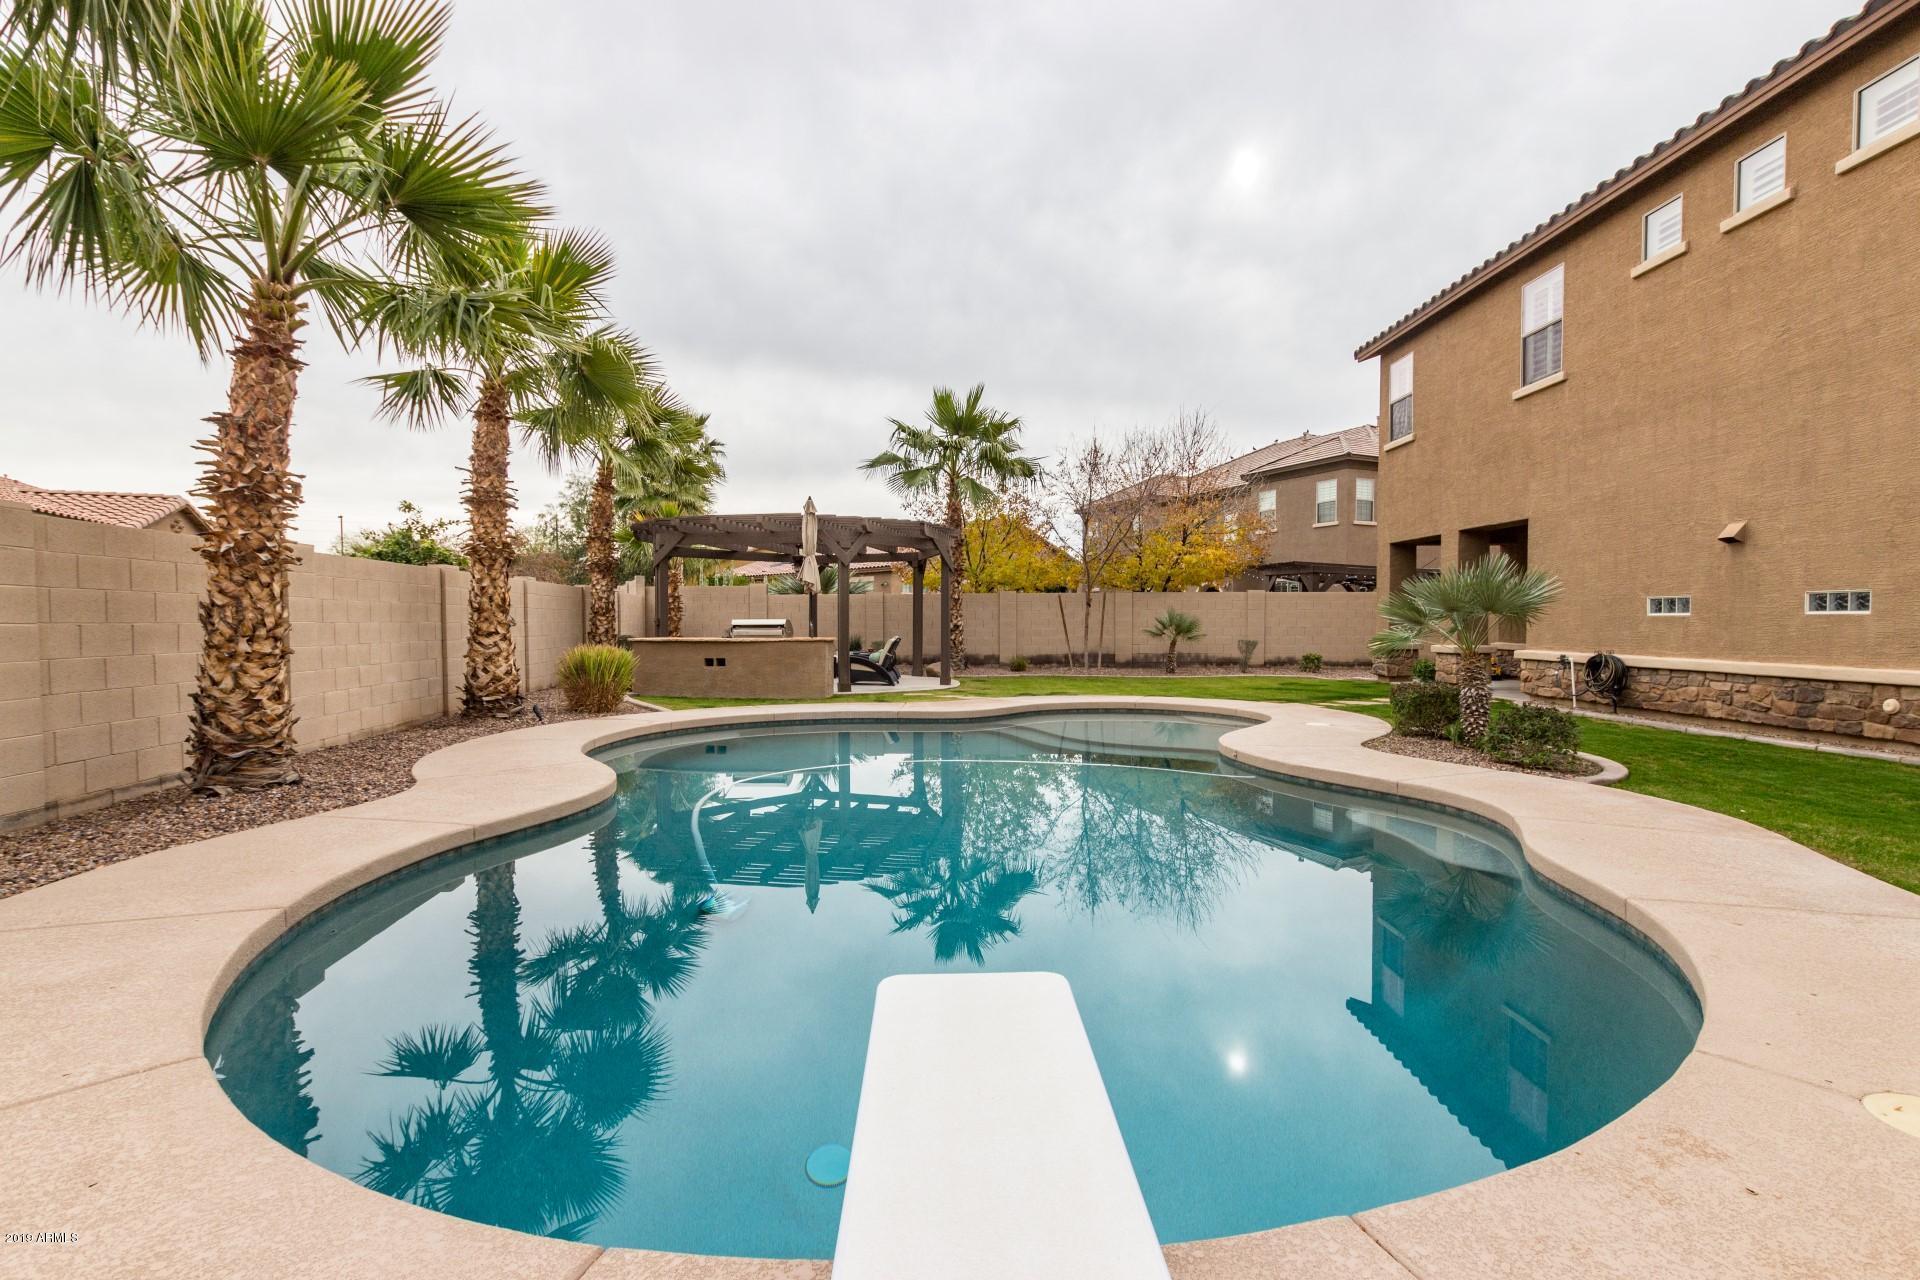 MLS 5869612 3090 E CASTANETS Drive, Gilbert, AZ 85298